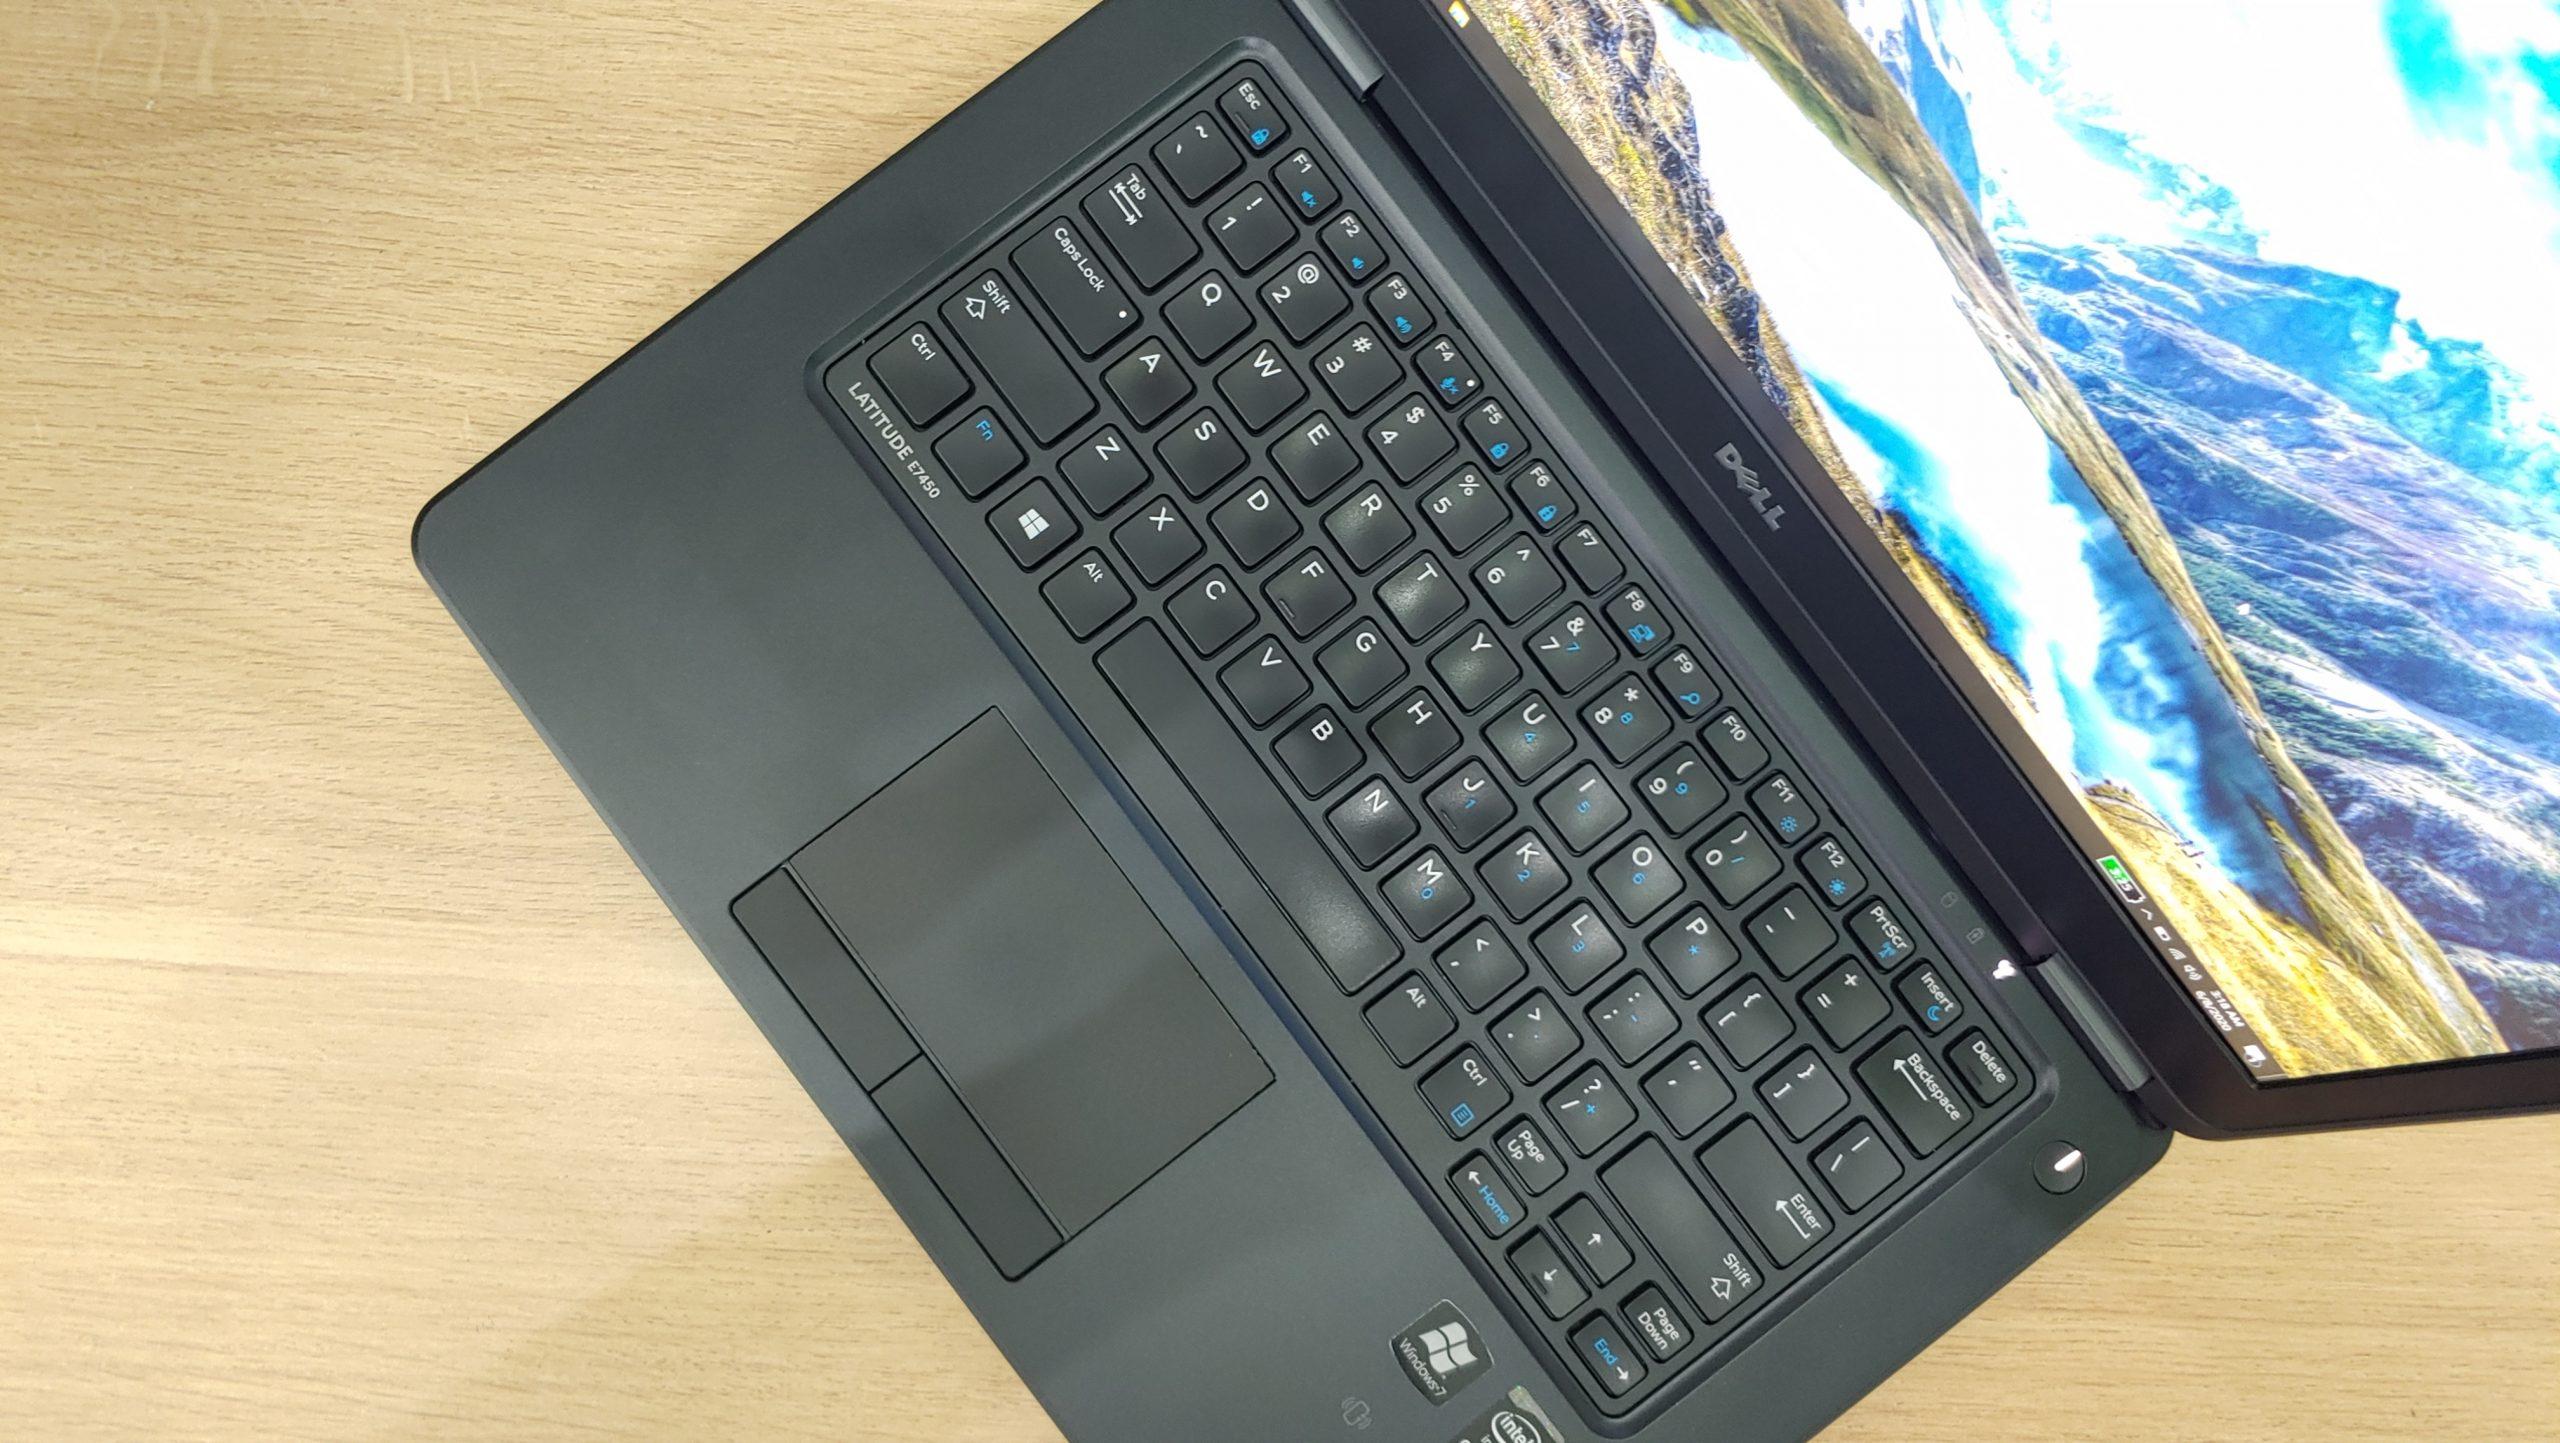 Dell-latitude-7450-nhap-khau-uy-tin